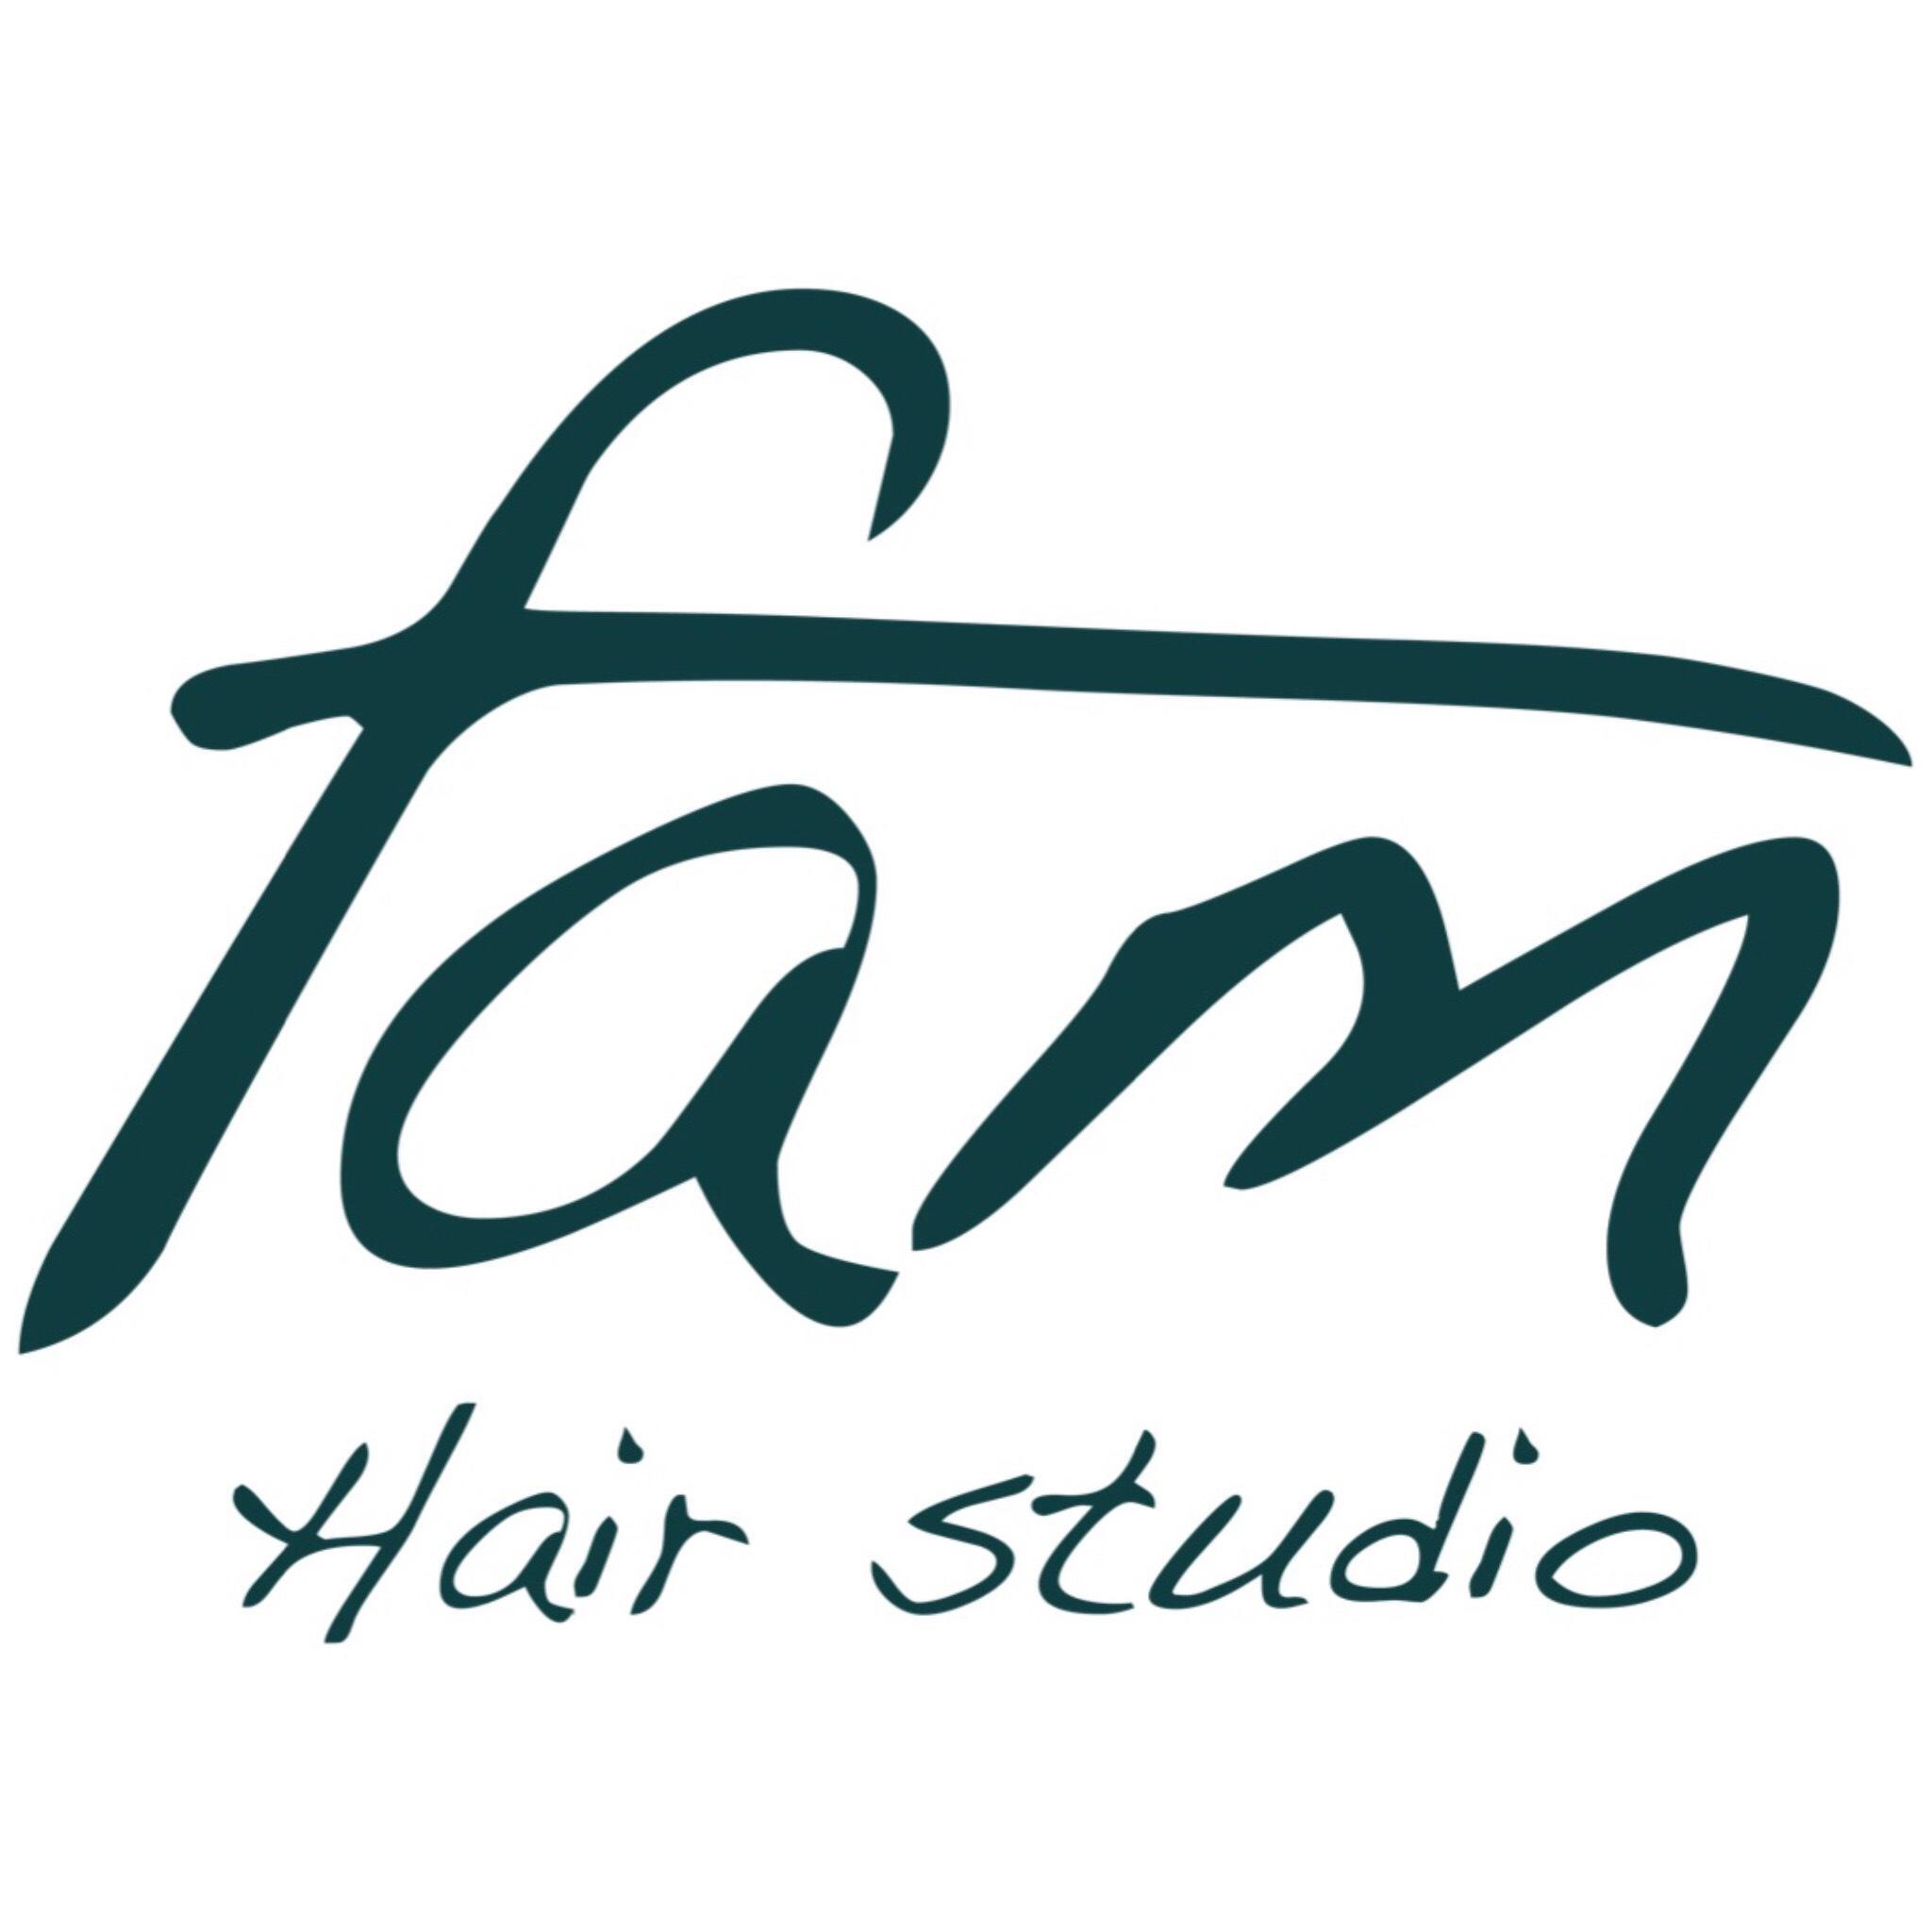 ヘアースタジオファムのロゴです